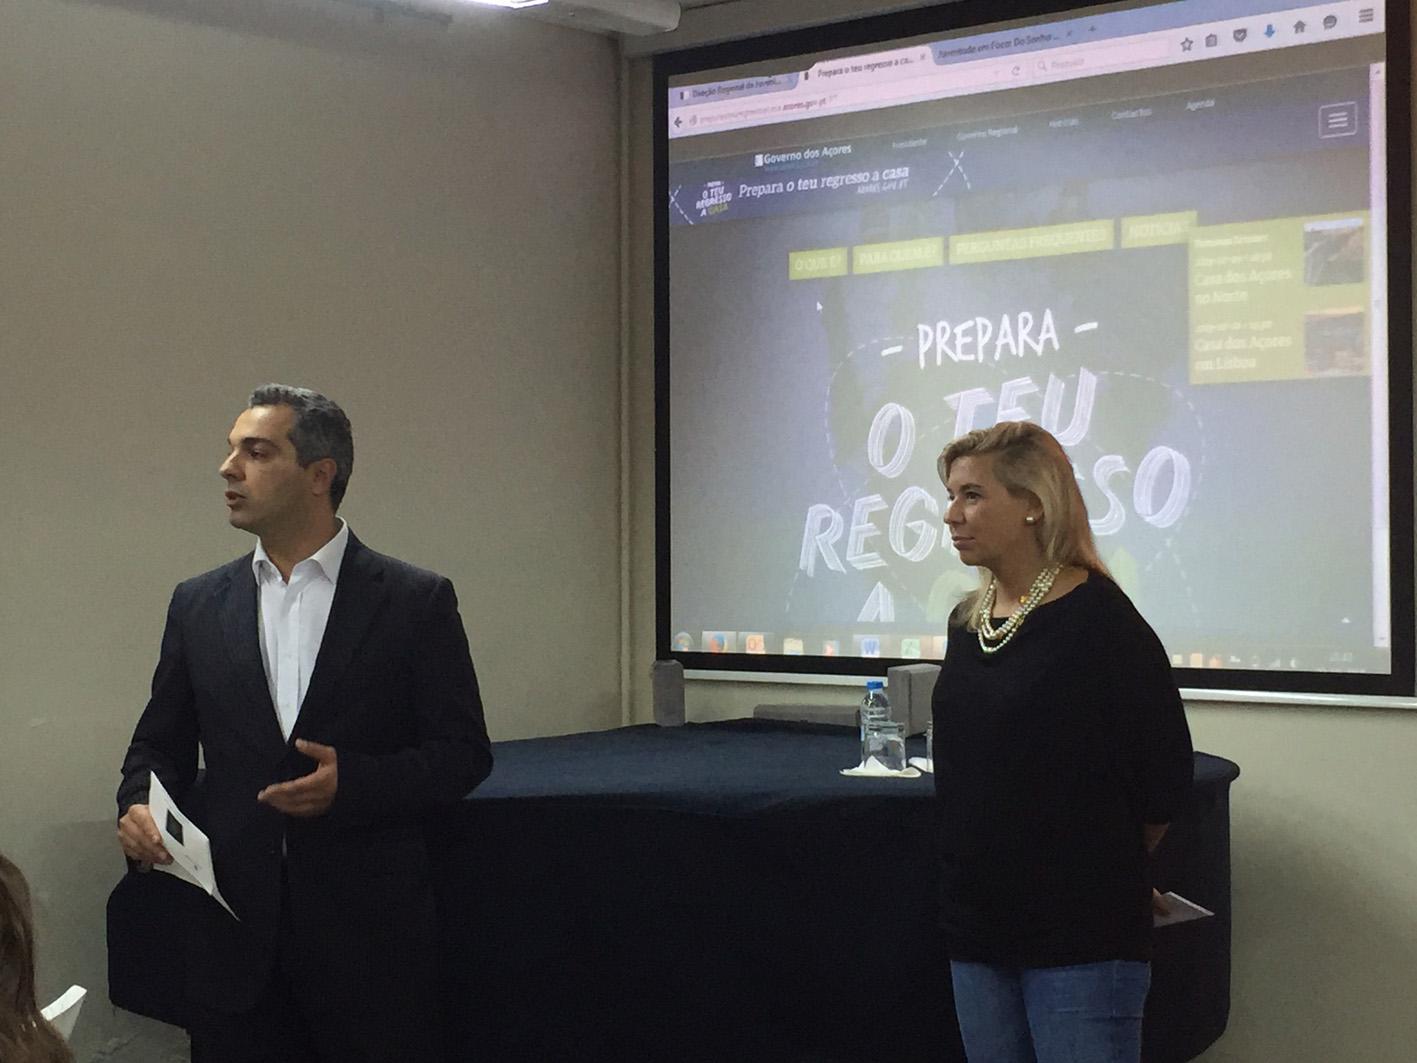 Programa 'Prepara o teu Regresso a Casa' procura criar sinergias entre tecido empresarial, administração pública e jovens